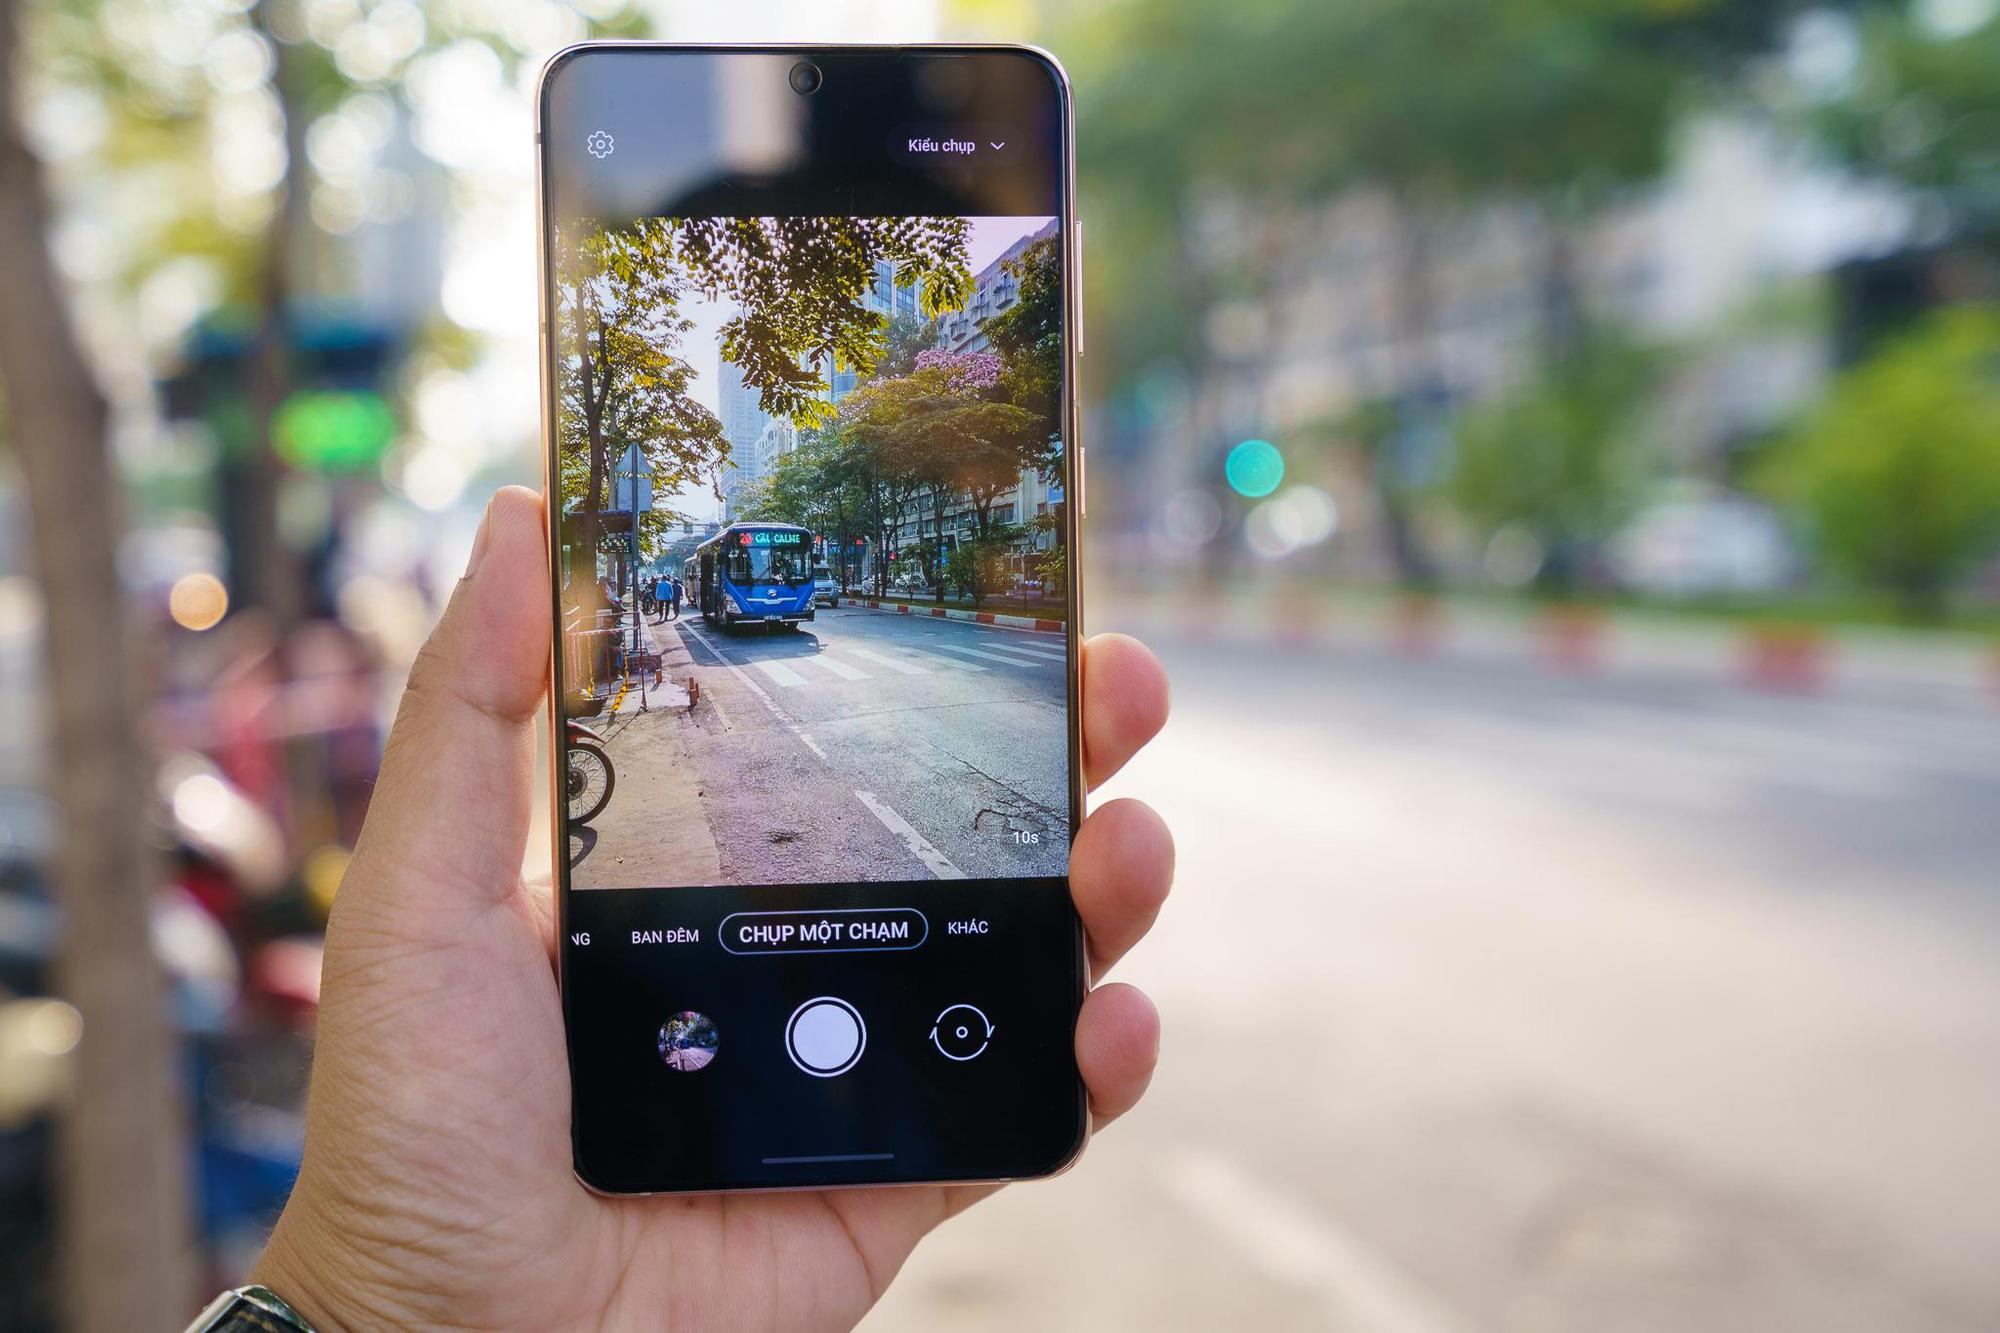 Bắt trọn mọi khoảnh khắc, từ video siêu chậm đến siêu nhanh chỉ cần 1 nút với Galaxy S21 - Ảnh 1.